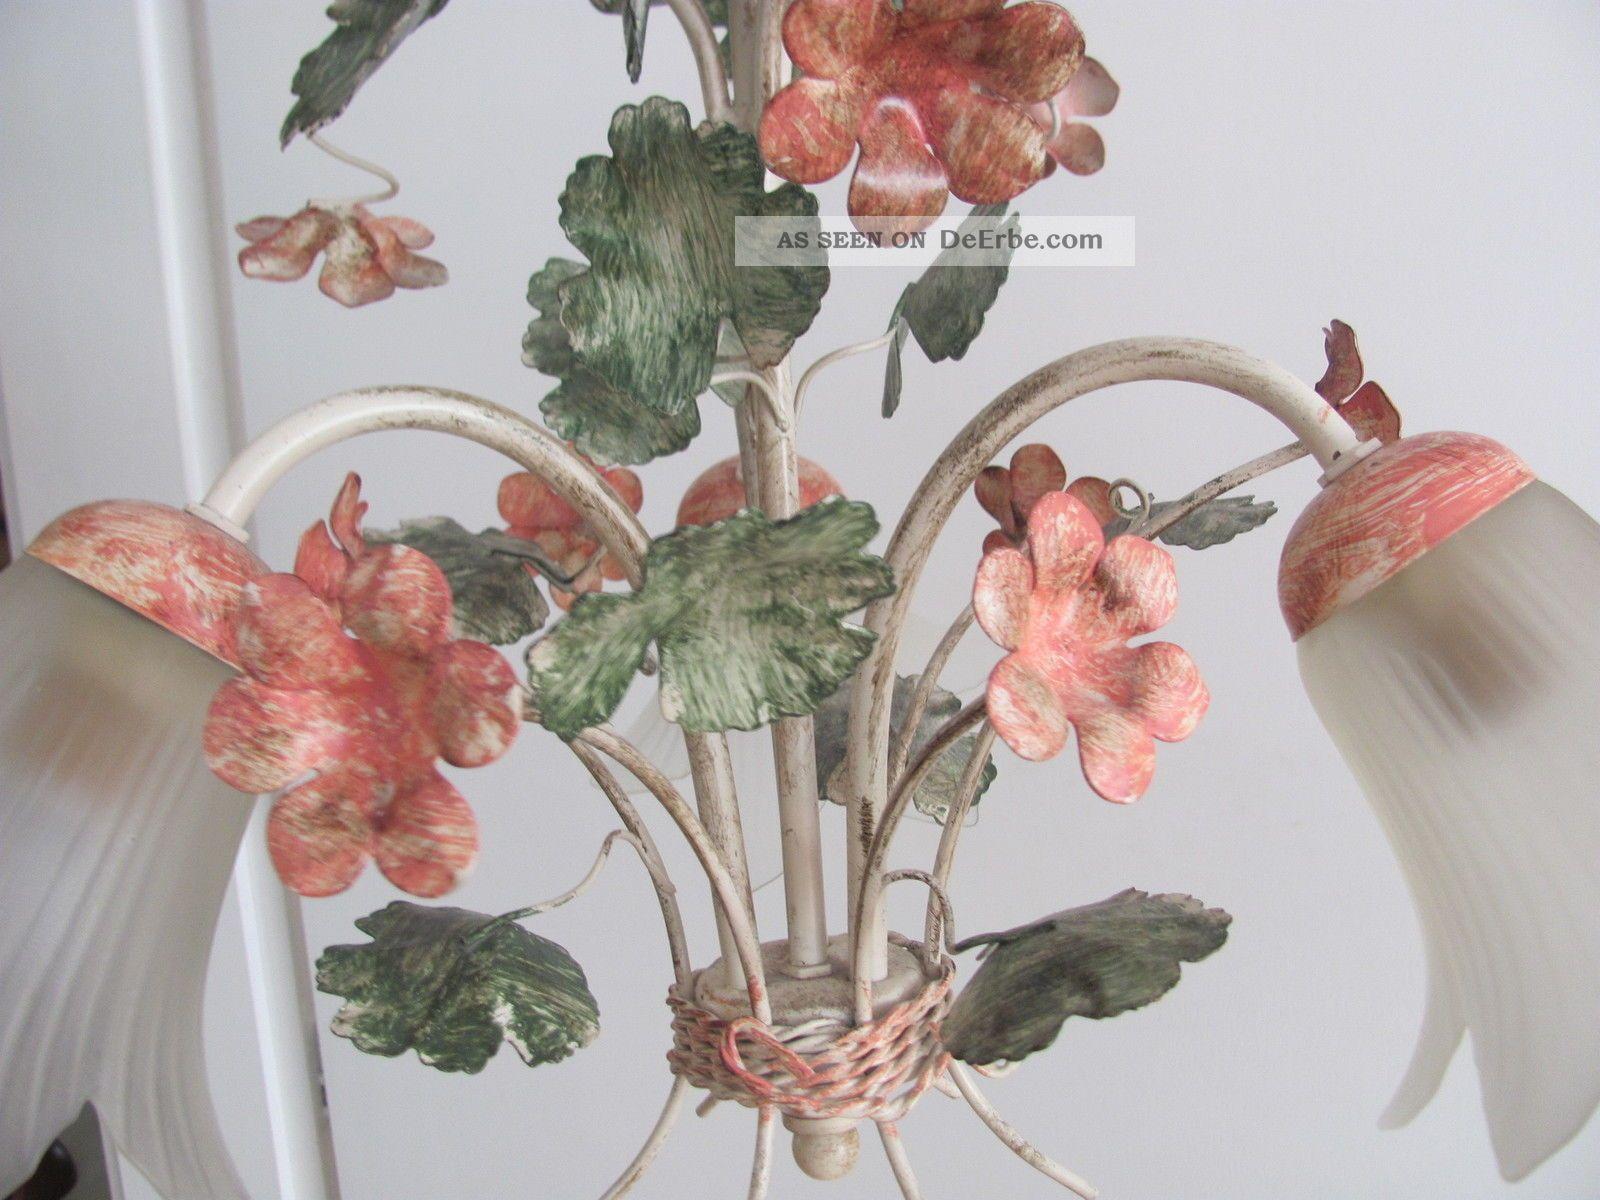 Kronleuchter Mit Blumen ~ Florentiner blüten blumen lampe landhaus chabby chic kronleuchter